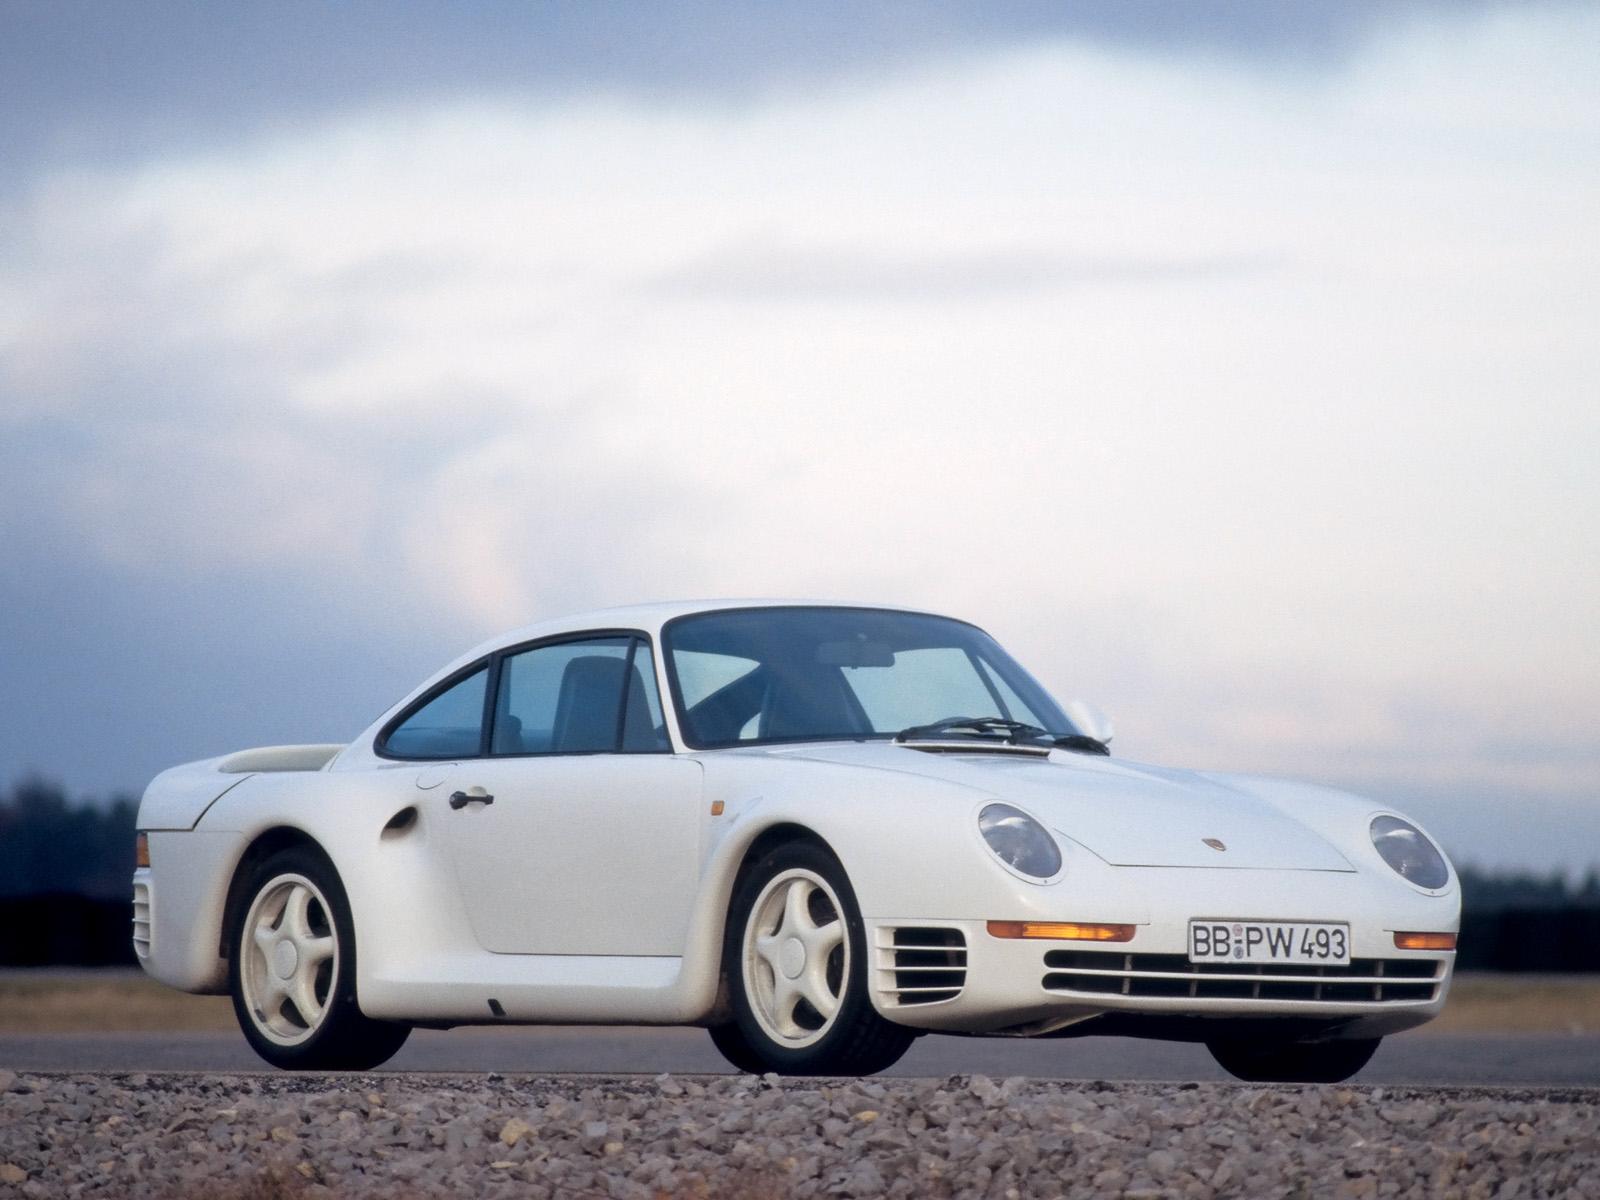 Unreliable Horsepower Rating - Porsche 959